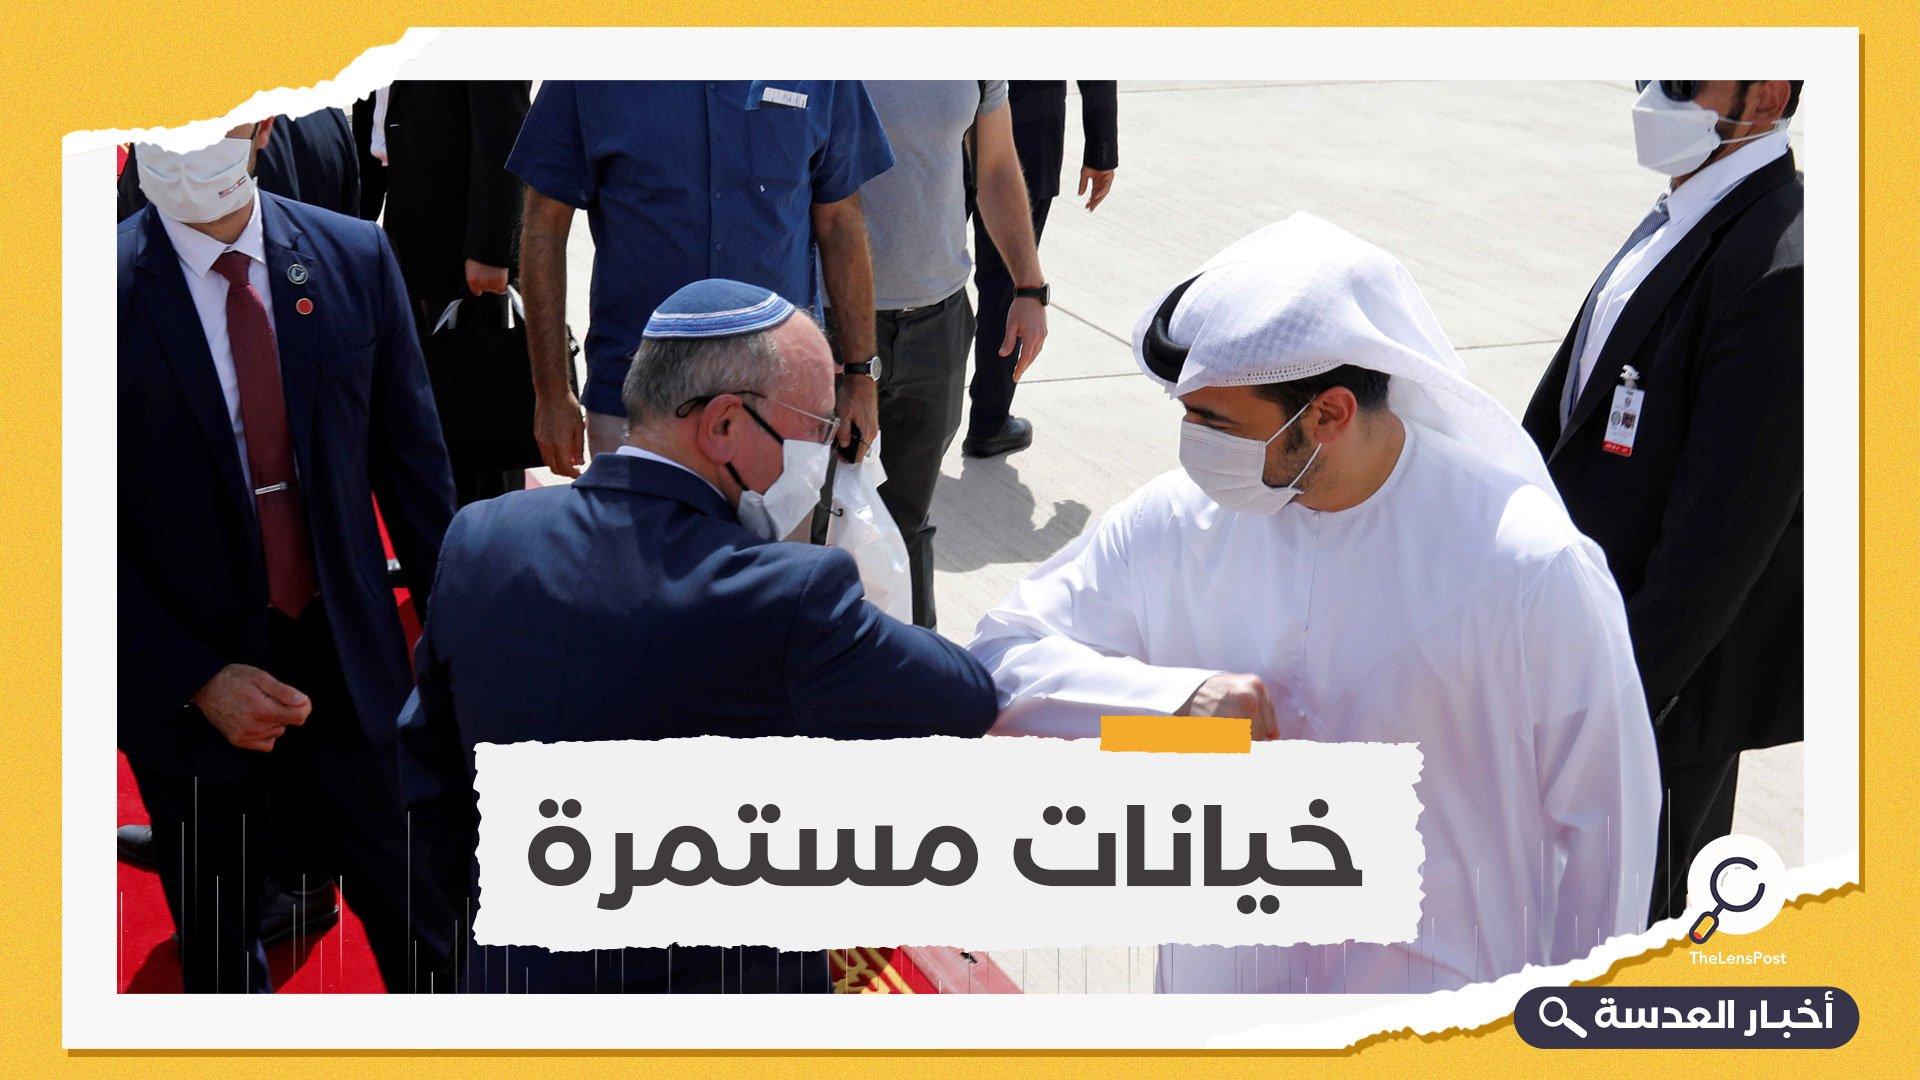 خيانات مستمرة...الاحتلال يعلن افتتاح سفارته بالإمارات